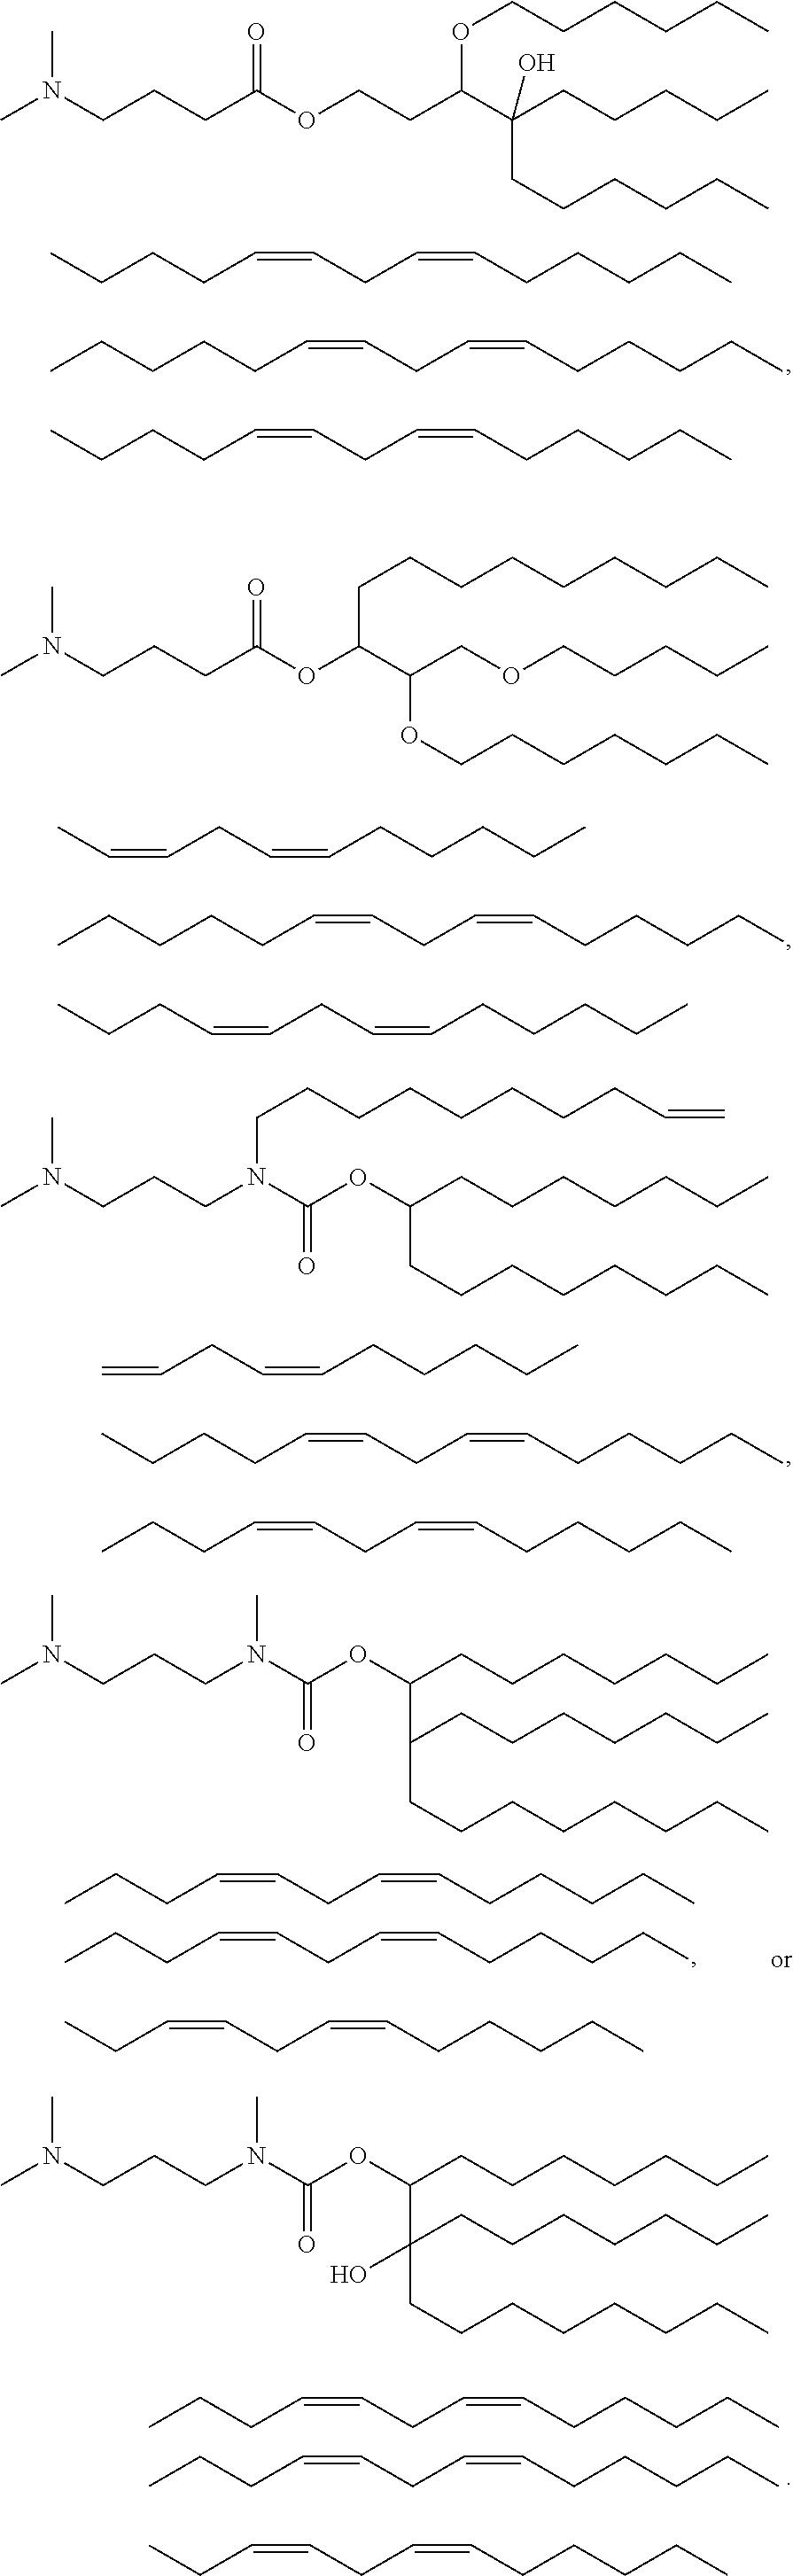 Figure US08466122-20130618-C00078